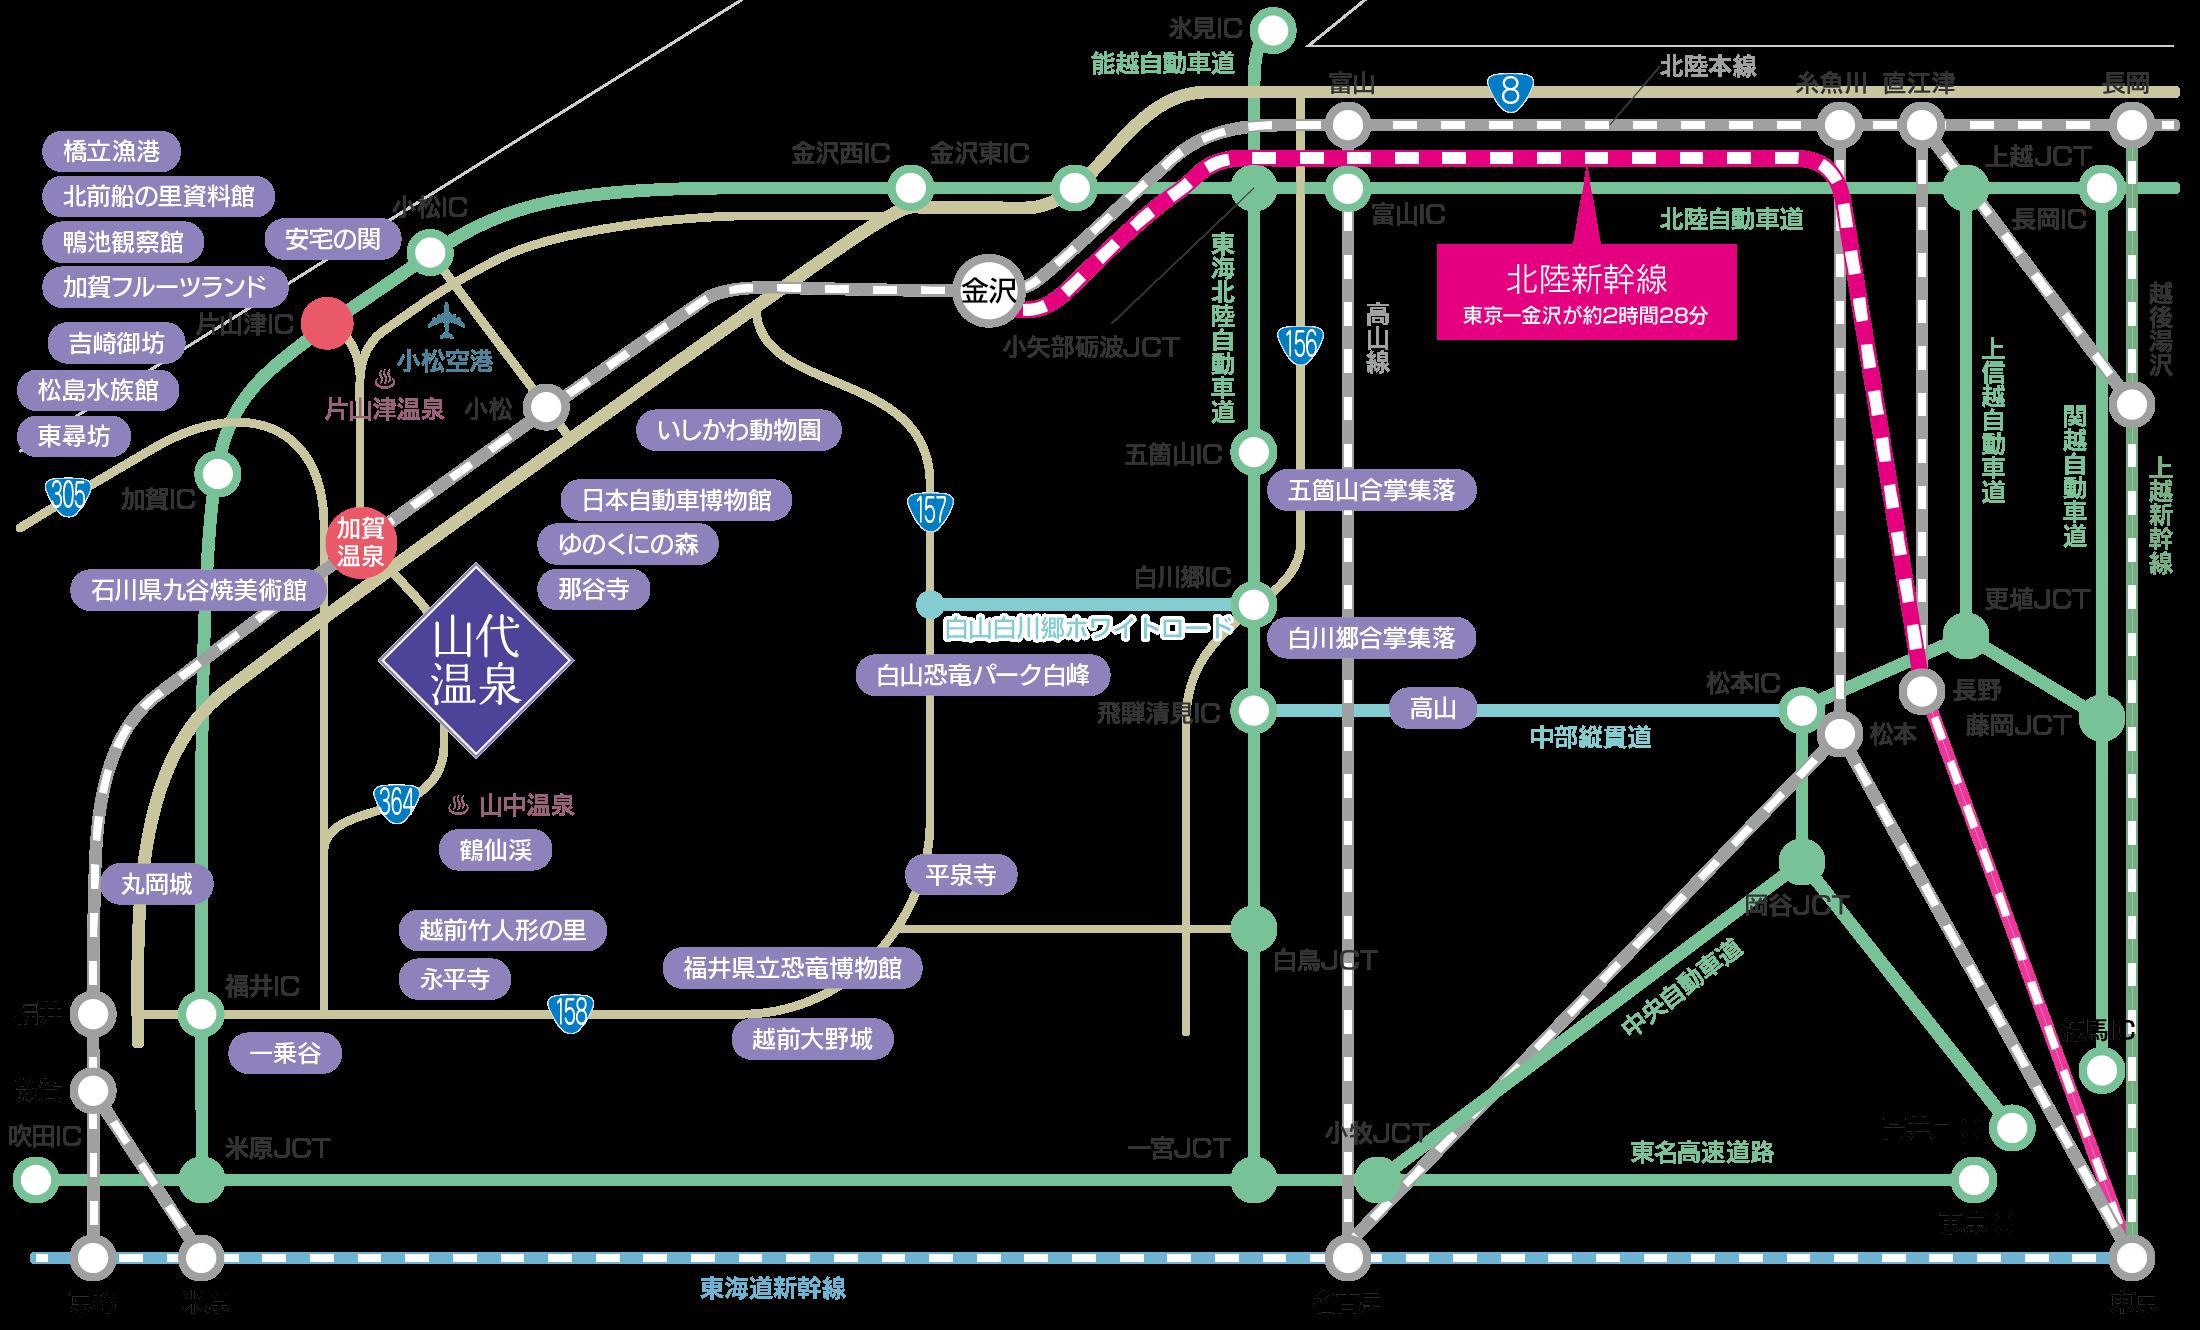 交通アクセス・観光マップ